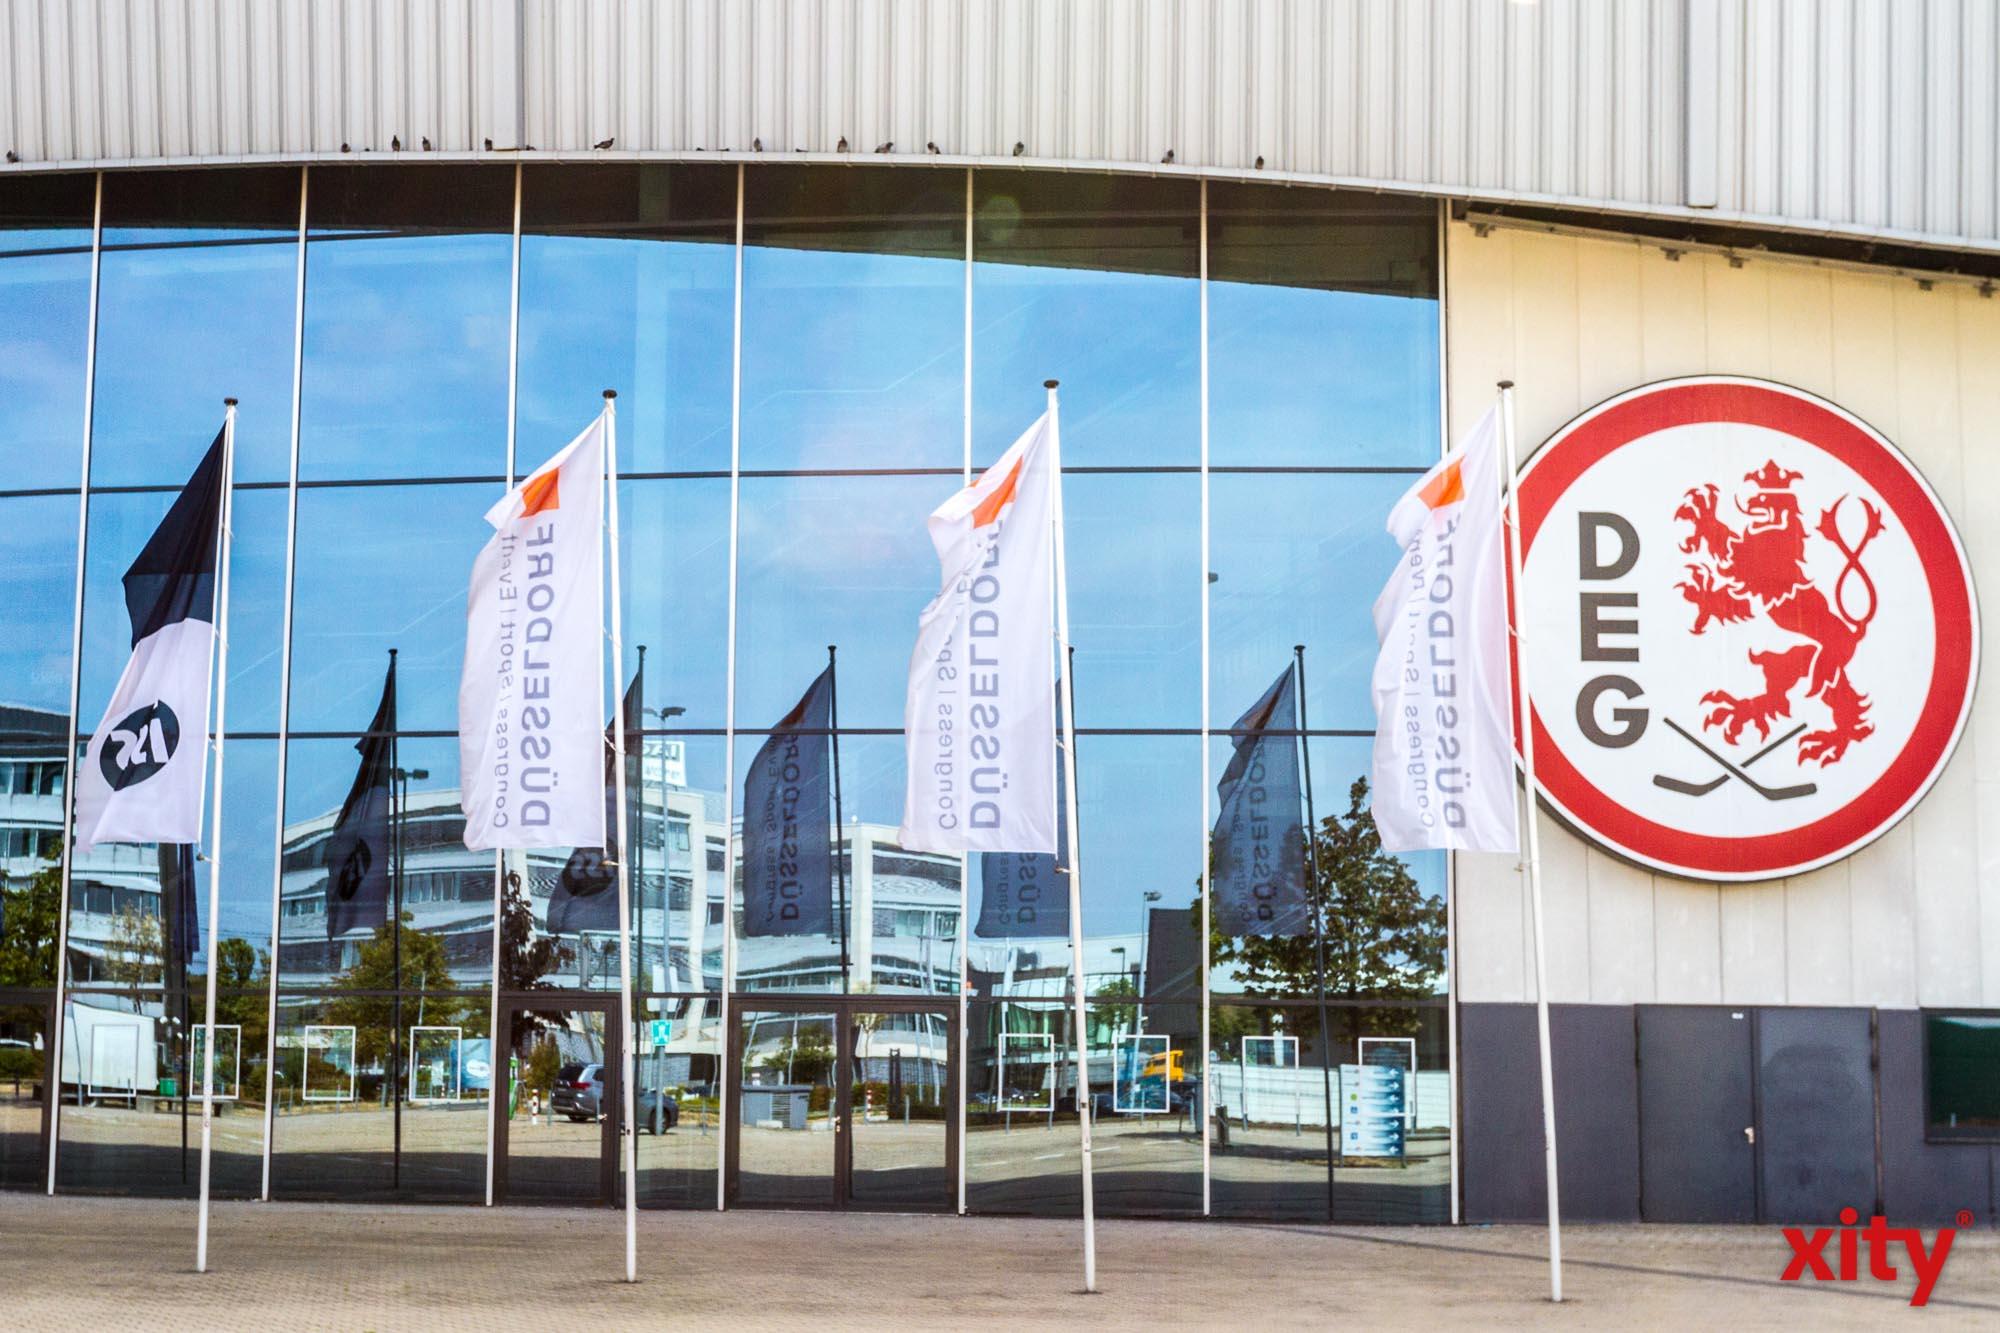 Düsseldorfer EG empfängt die Kölner Haie zum 230. Rheinischen Derby (Foto: xity)